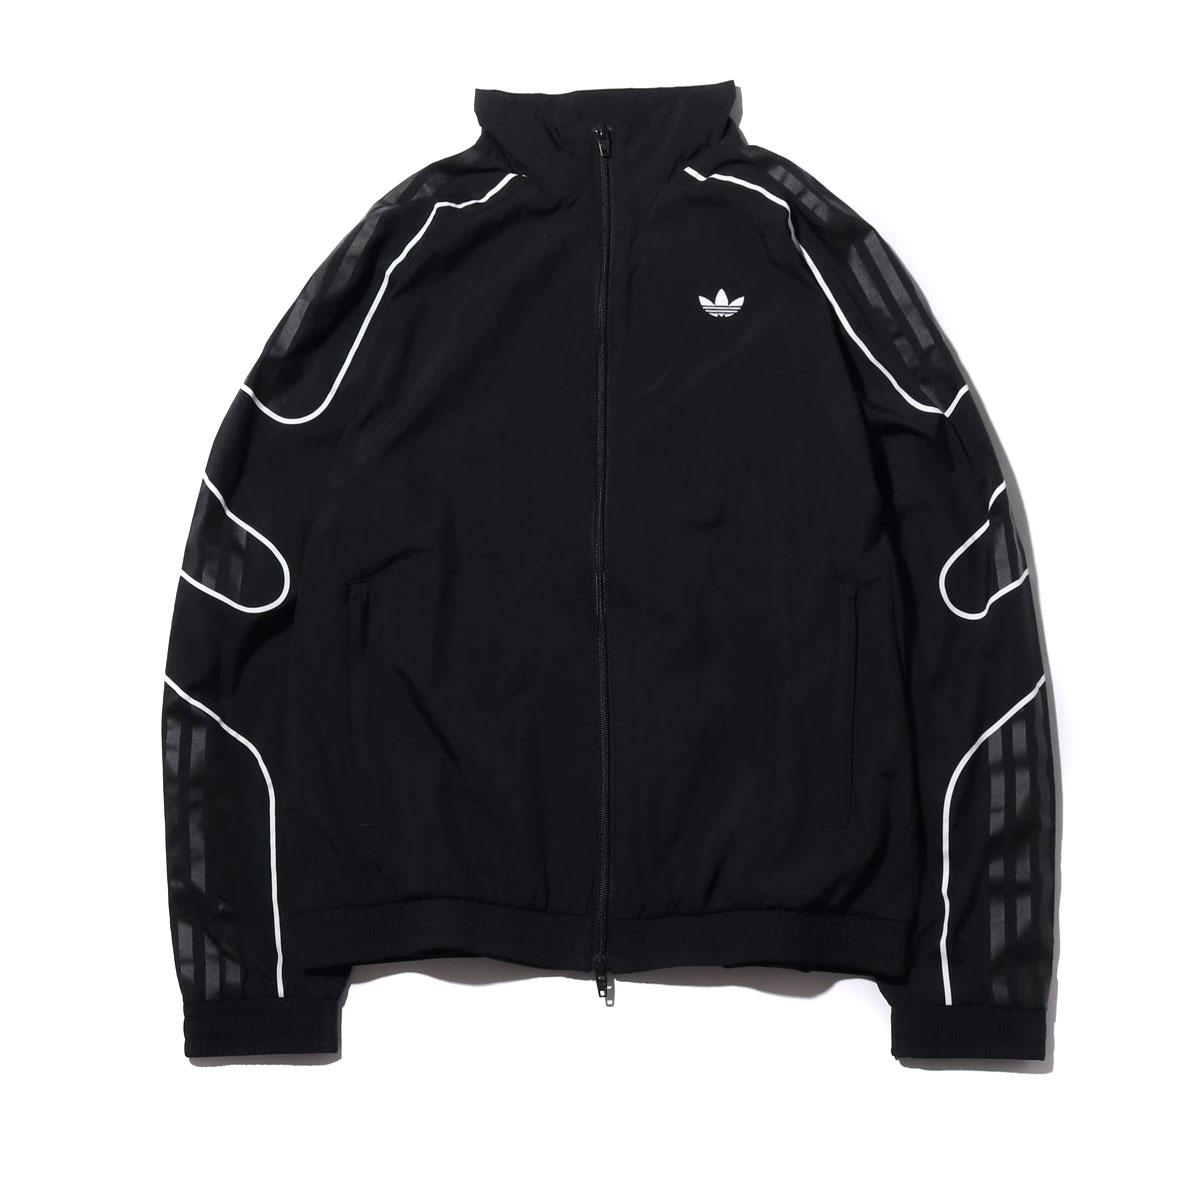 adidas FLAMESTRIKE WOVEN TRACK TOP (アディダス フレイムストライク ウーブン トラック トップ)BLACK【メンズ ジャージ】19SS-I